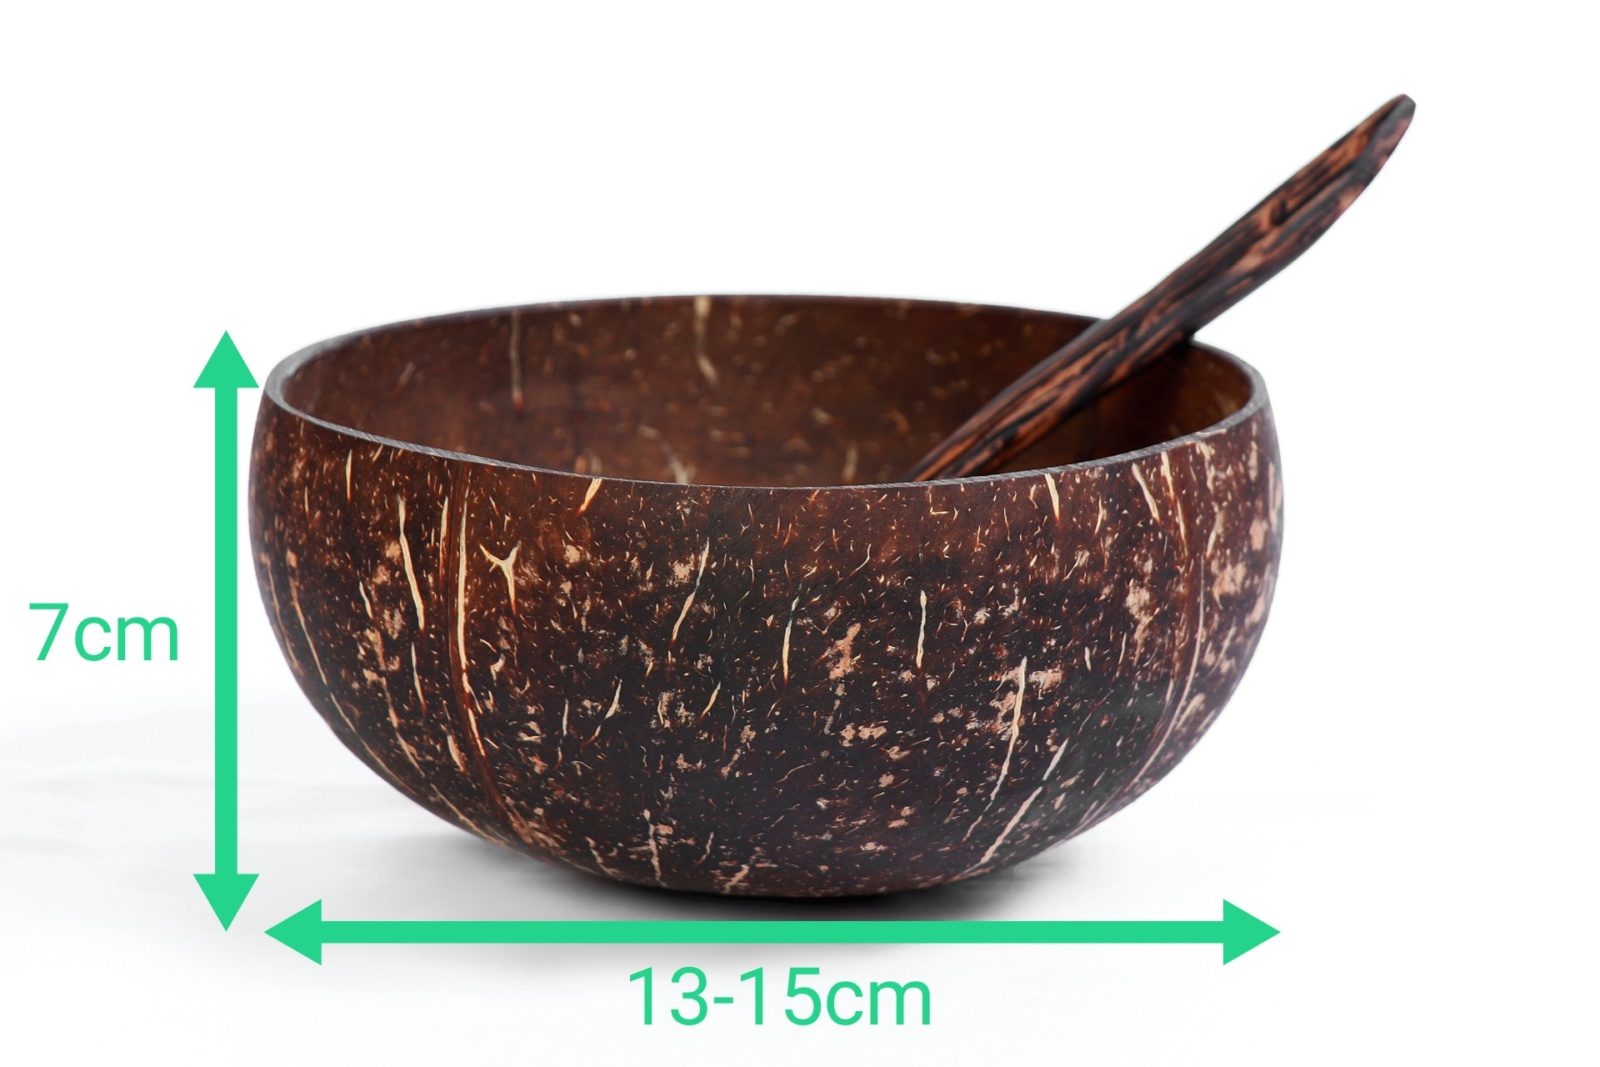 bols noix de coco avec précision des dimensions